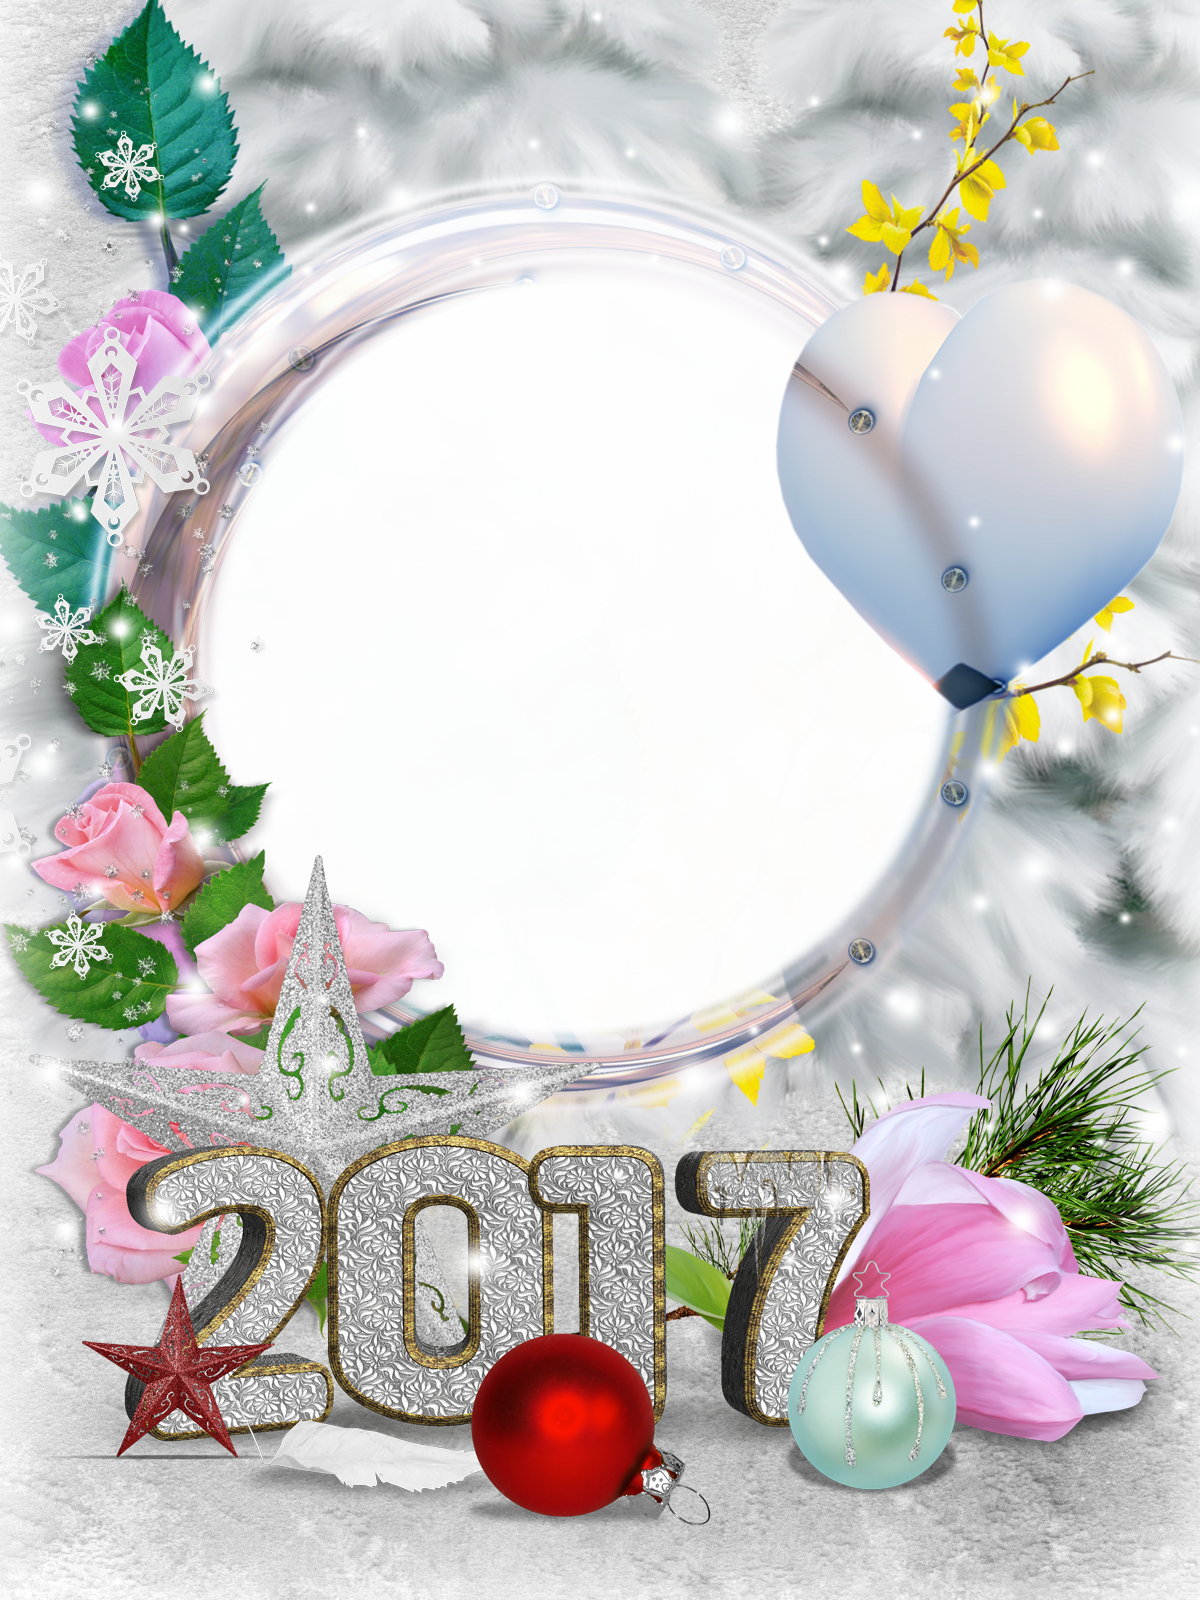 Фоторамка Фоторамка 2017 Фоторамка для фотошопа, PNG шаблон. Новогодняя фоторамка с цифрами 2017. Розовые розы, снежинки, серебряная звезда, осенние листья, шарик в форме сердечка, елочные игрушки, стеклянные шары.